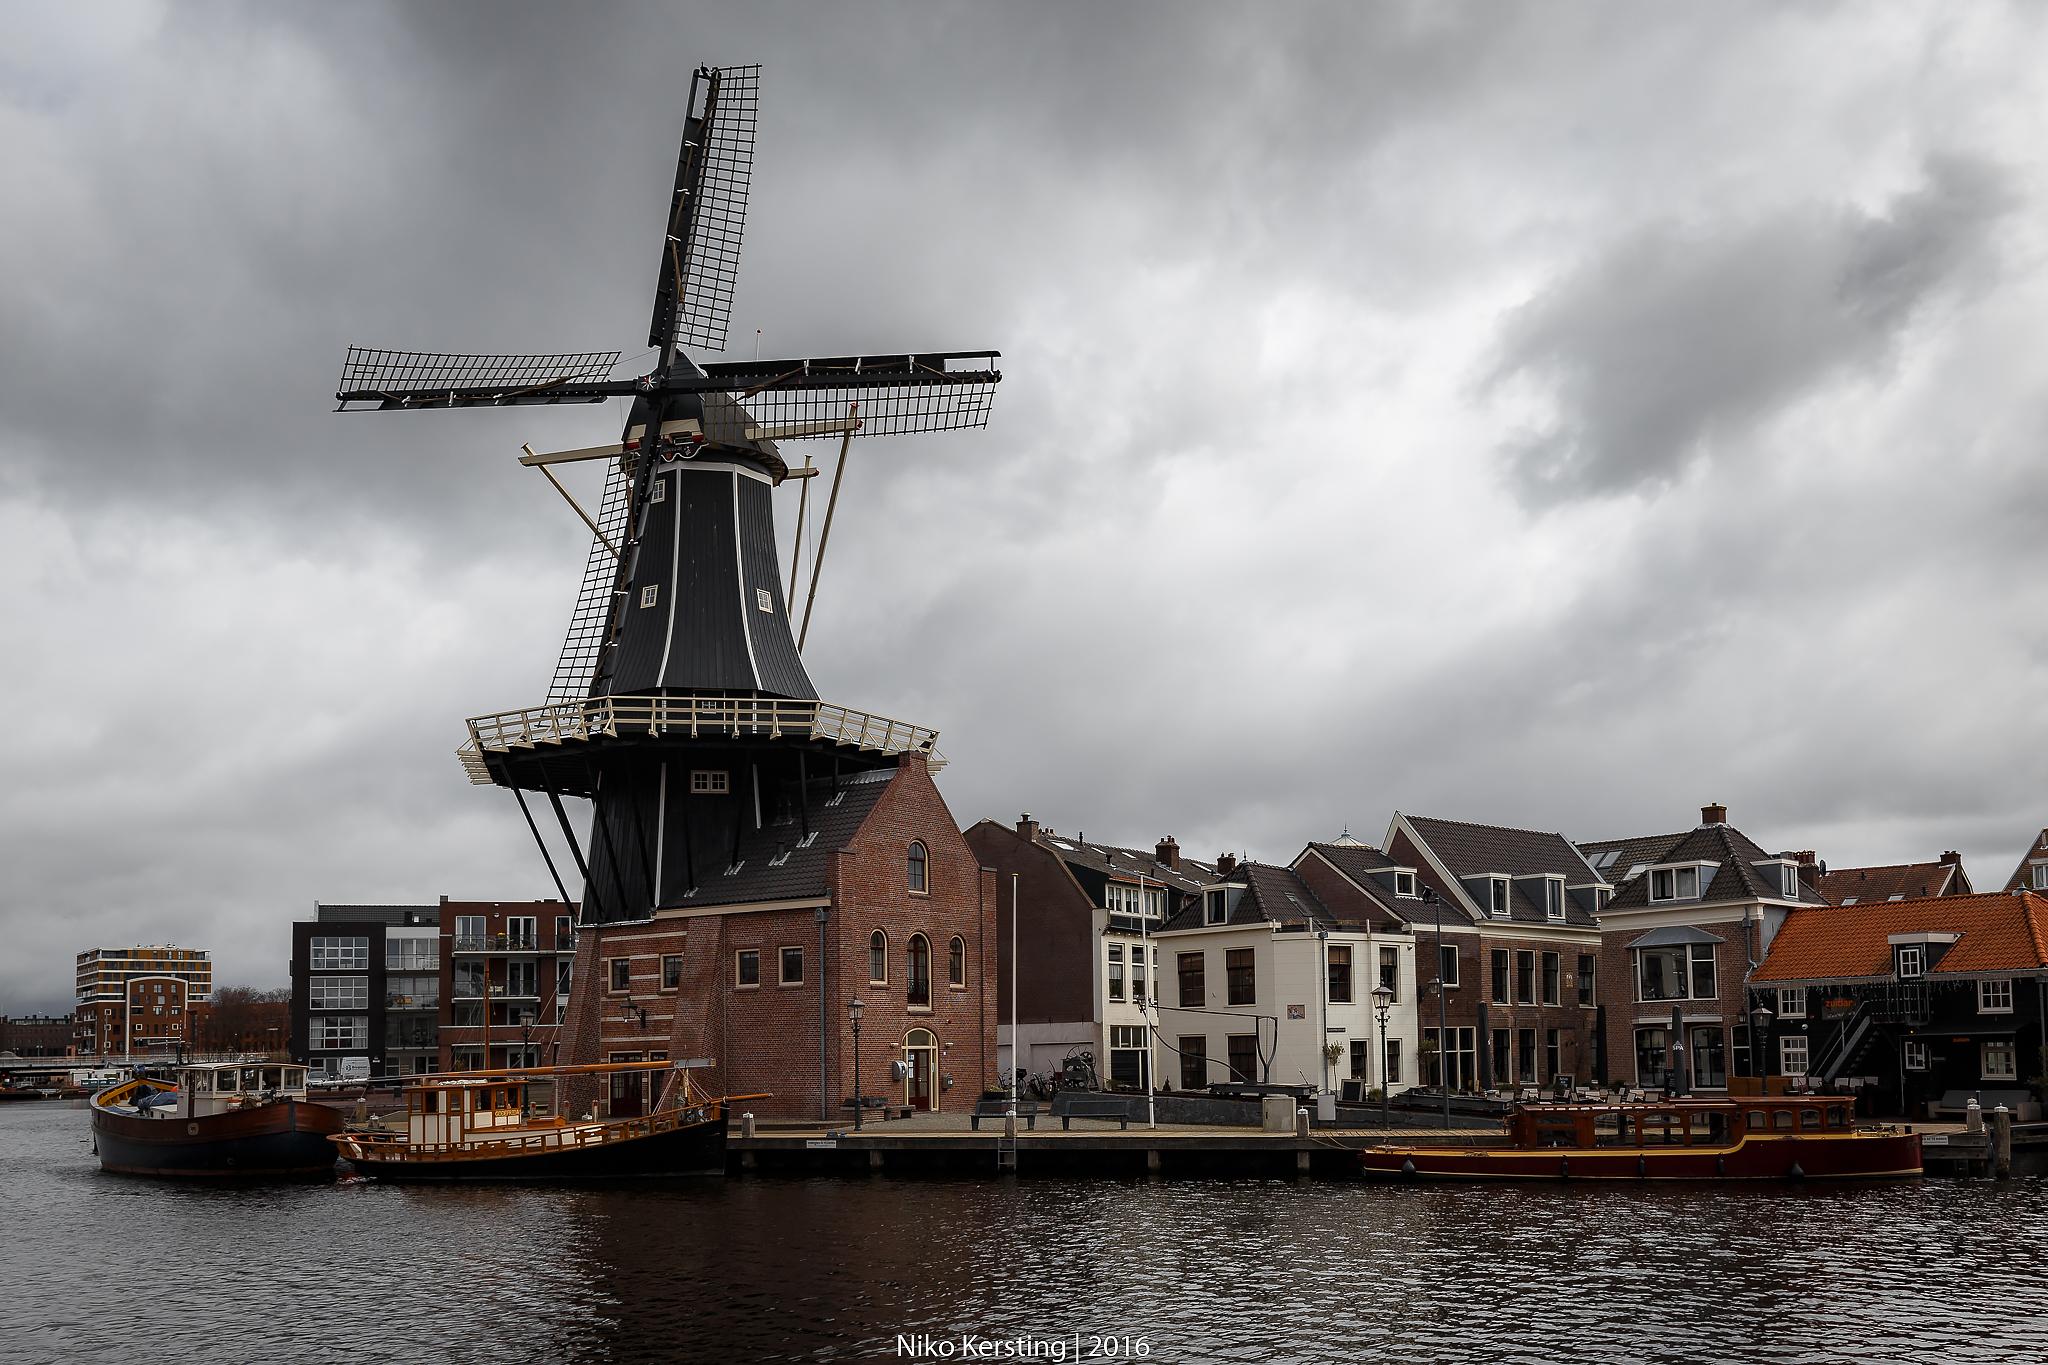 De Adriaan, Haarlem, Netherlands